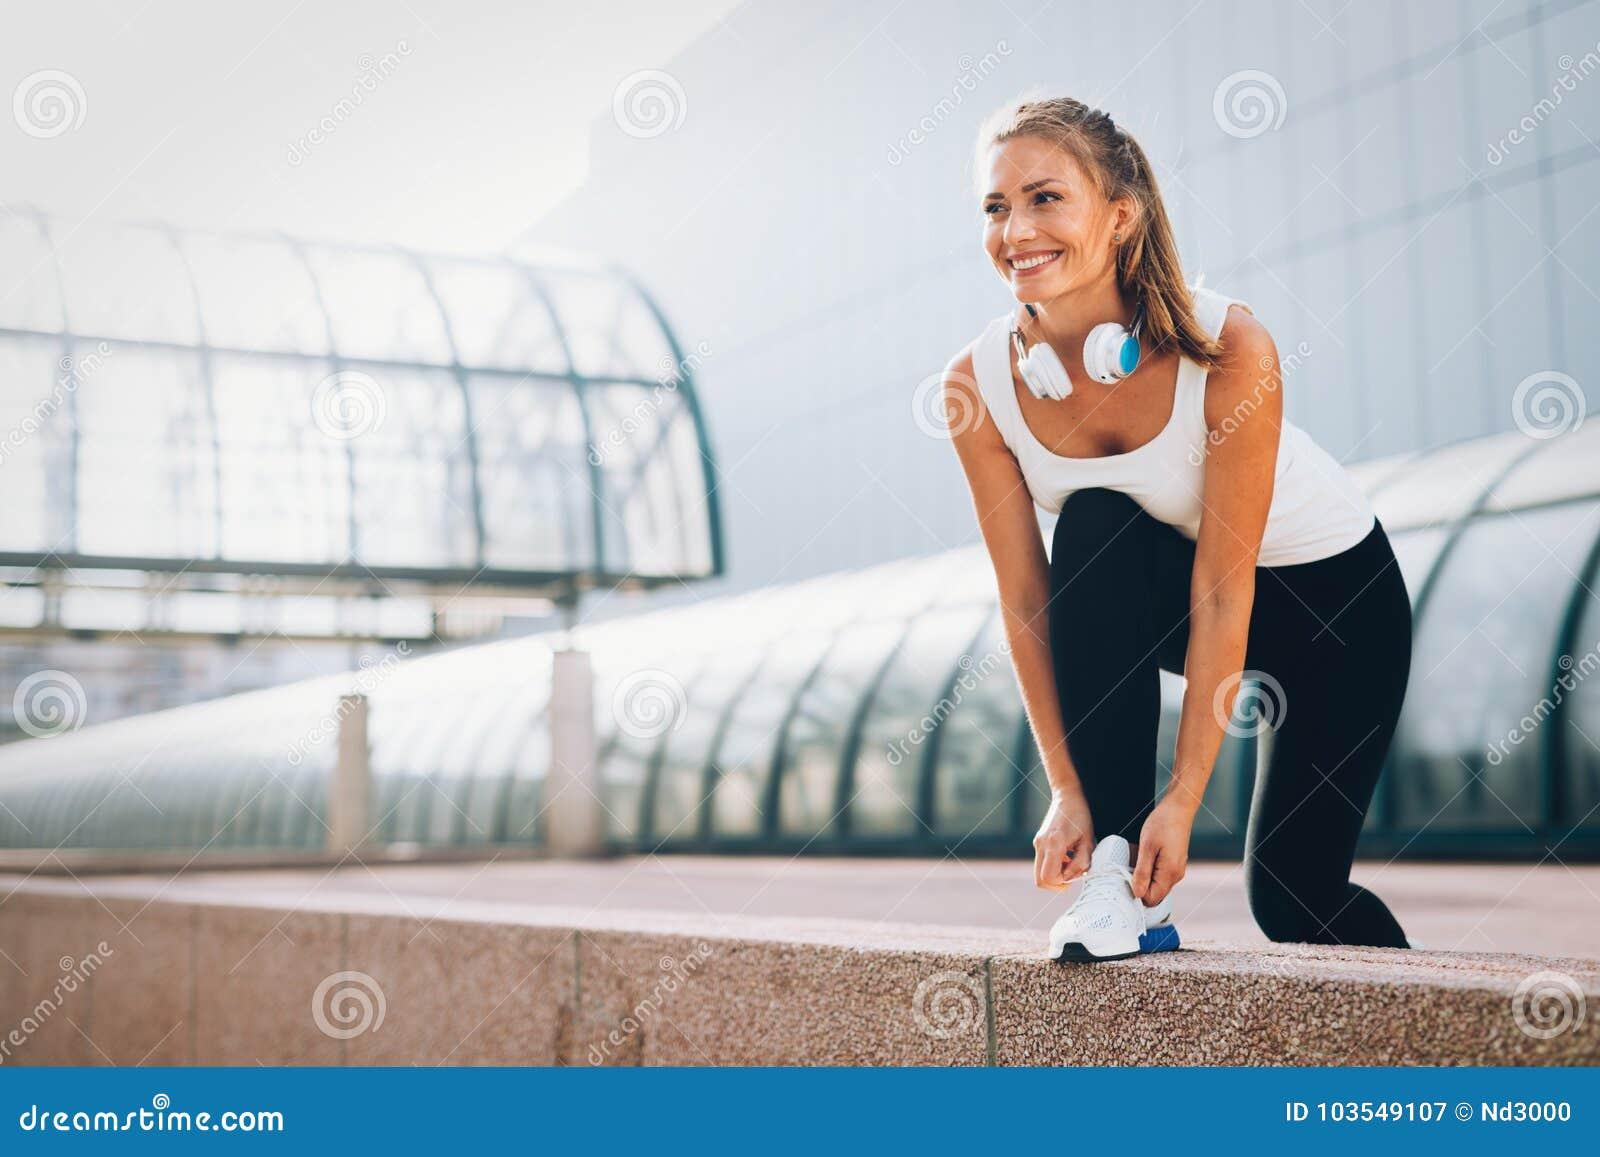 Obrazek młoda atrakcyjna szczęśliwa sprawności fizycznej kobieta